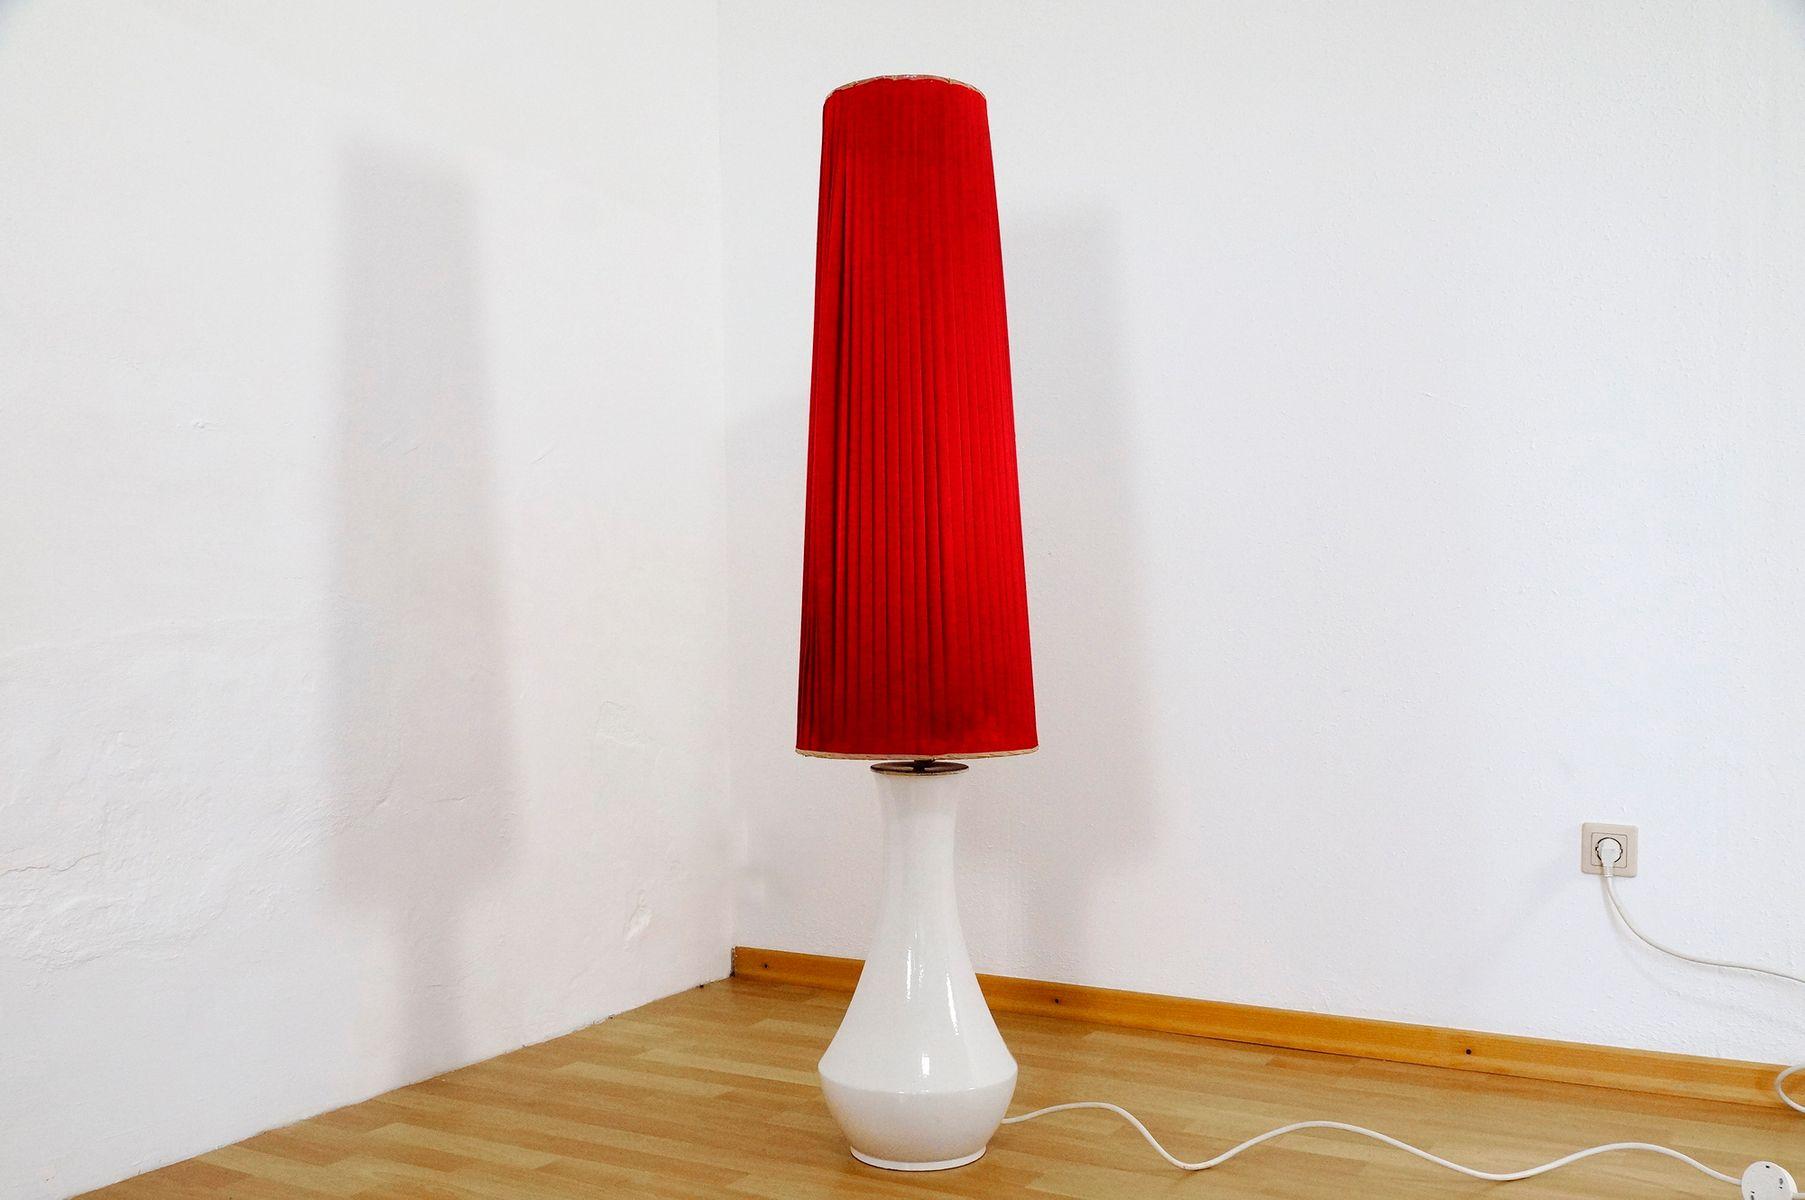 stehlampen mit schirm elegant schnheit stehlampe mit schirm lel schirme lel jpg sw sh sfrm with. Black Bedroom Furniture Sets. Home Design Ideas